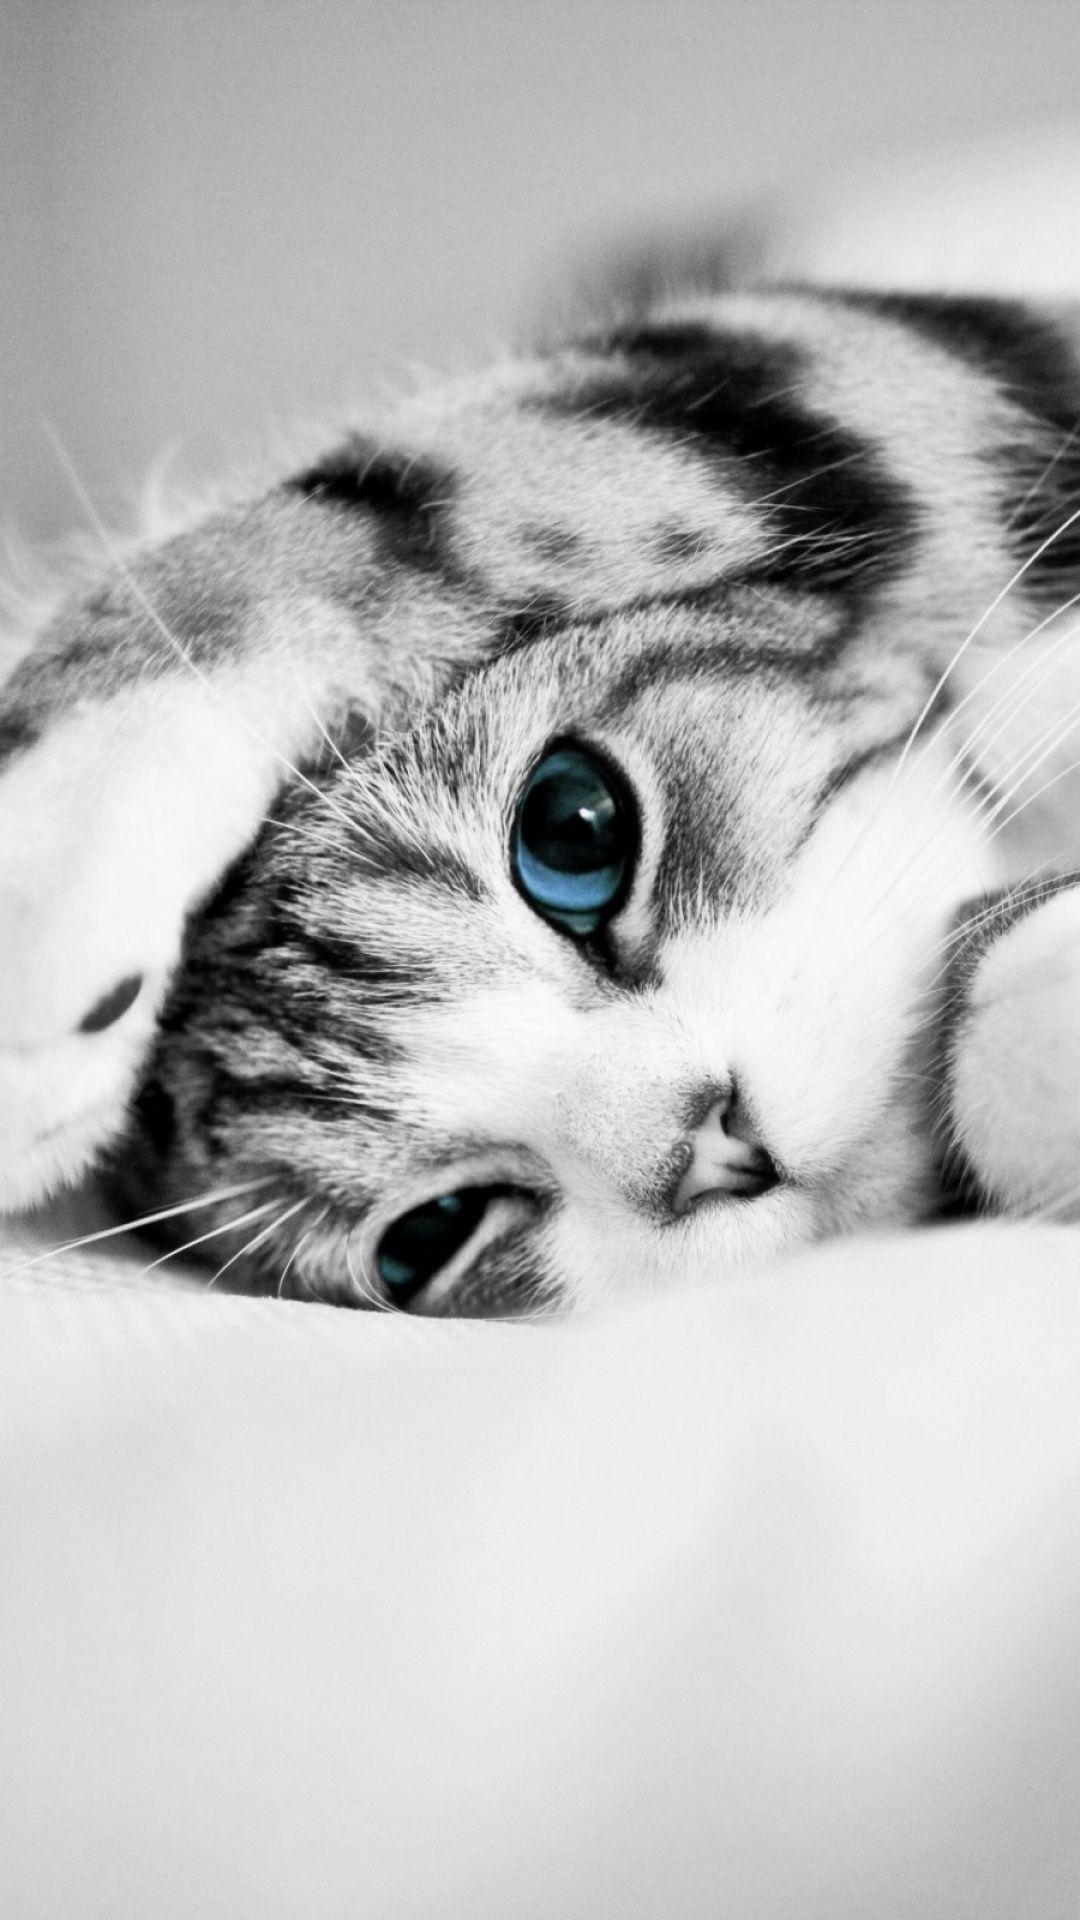 Cat Phone Wallpaper Самые милые животные, Кошки и котята